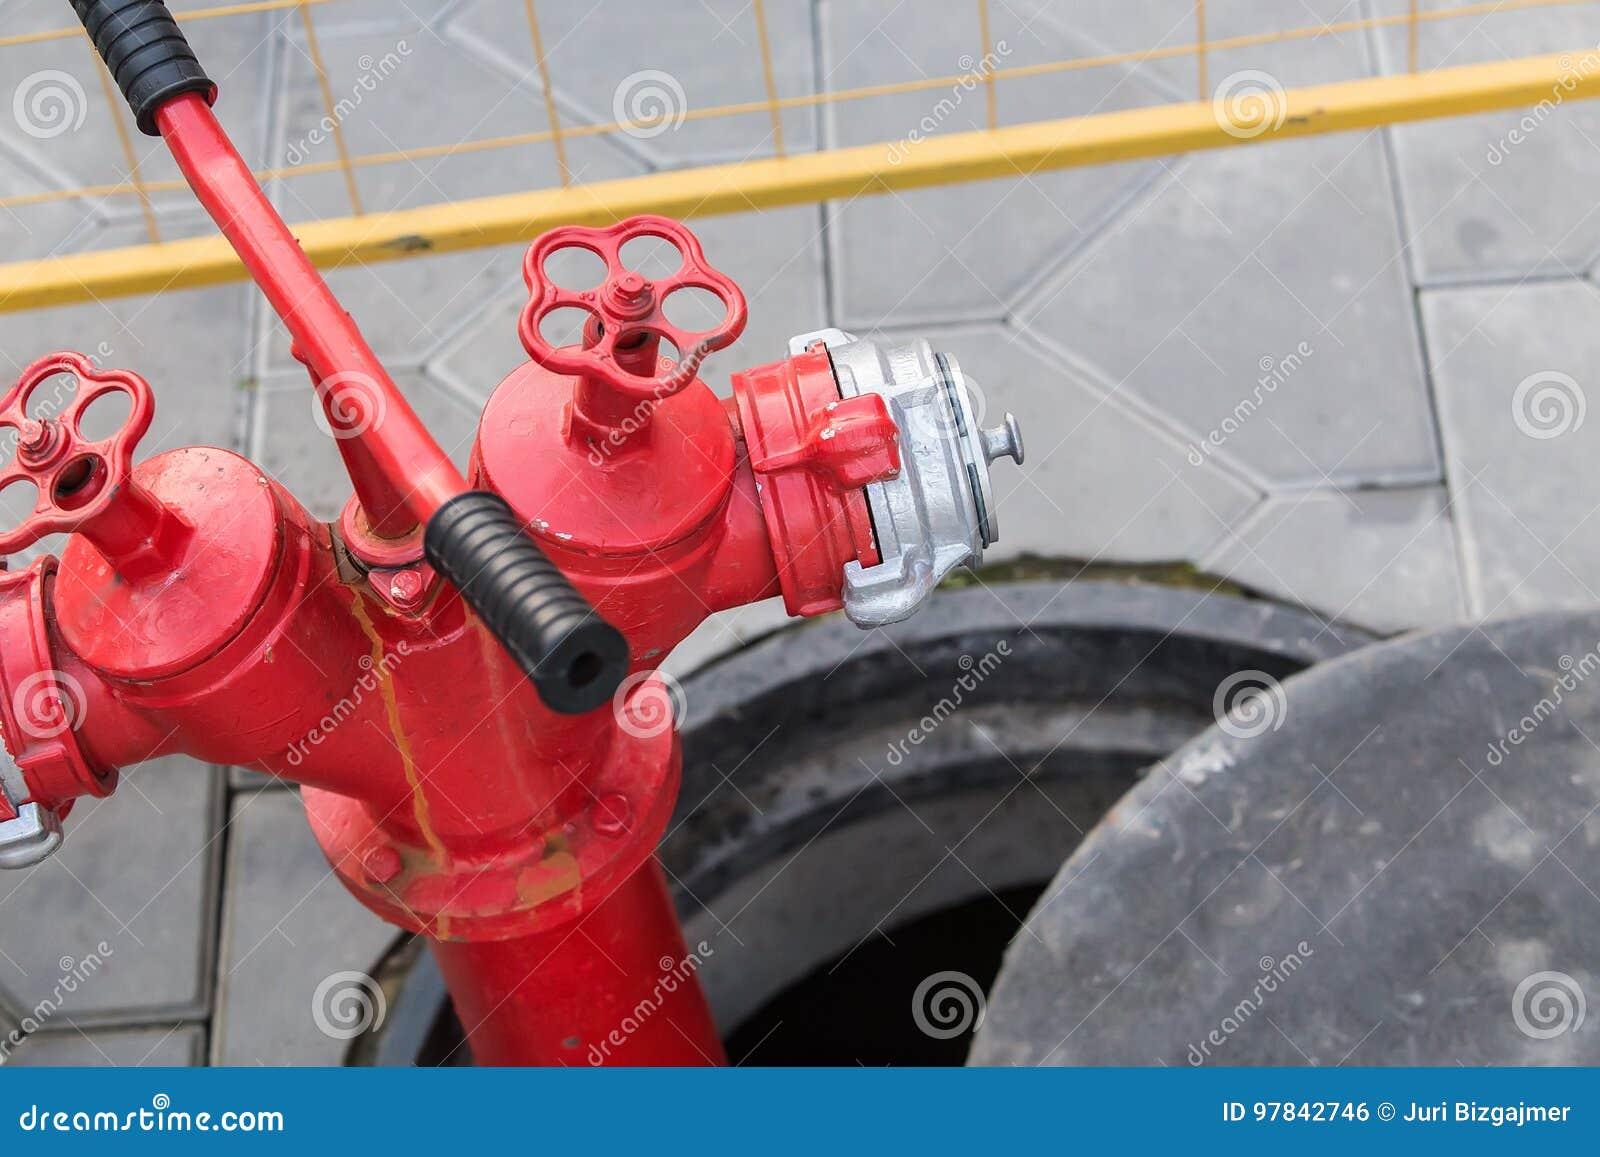 Красный жидкостный огнетушитель